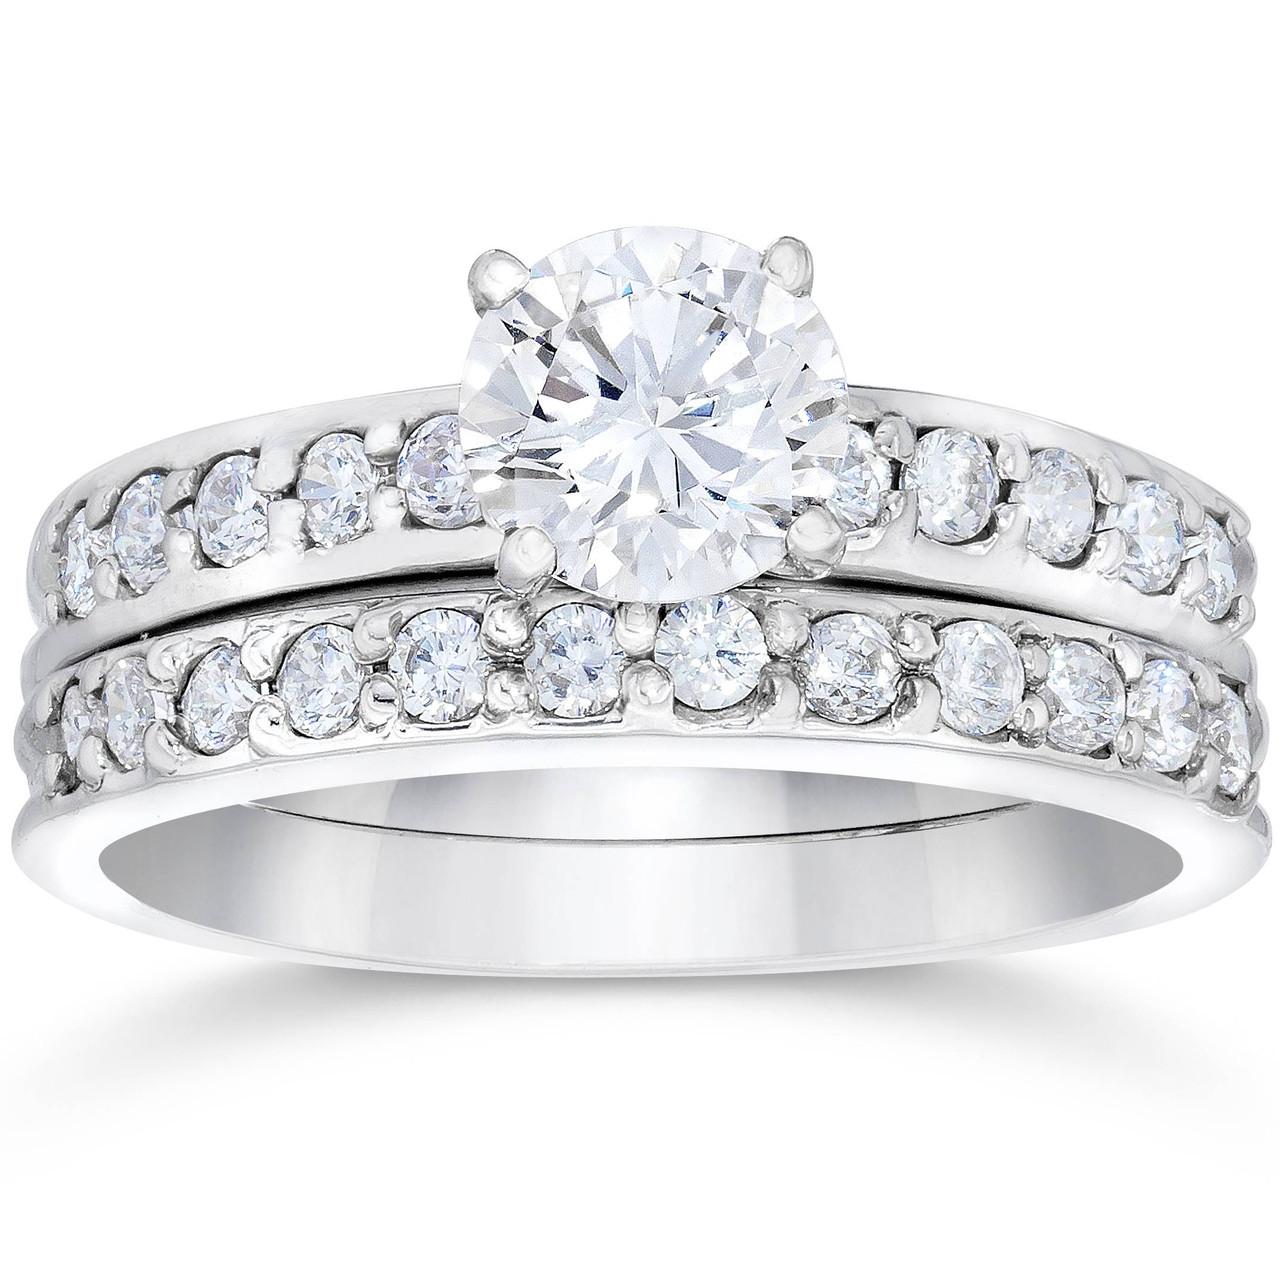 1 Review Sd3d71ba2asa5ozcloudfront53000589imageseng5003x1: 1 Carat Diamond Ring At Websimilar.org